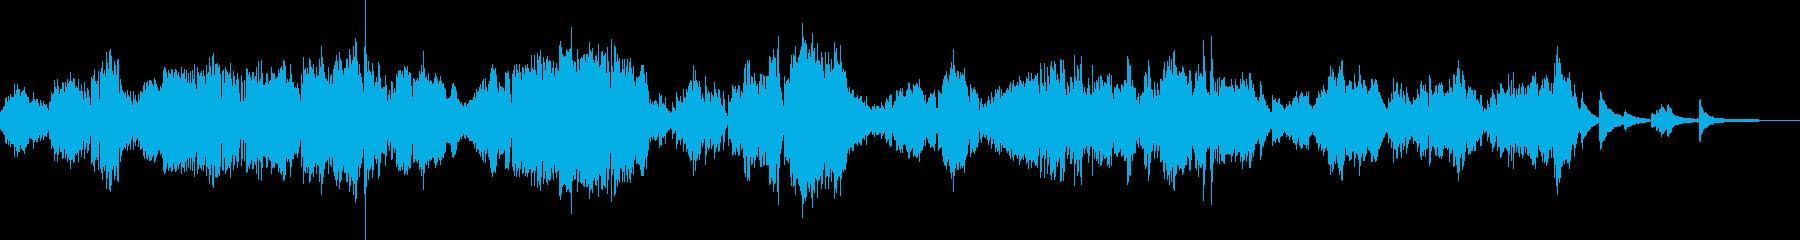 ショパン エチュード Op21 No6の再生済みの波形